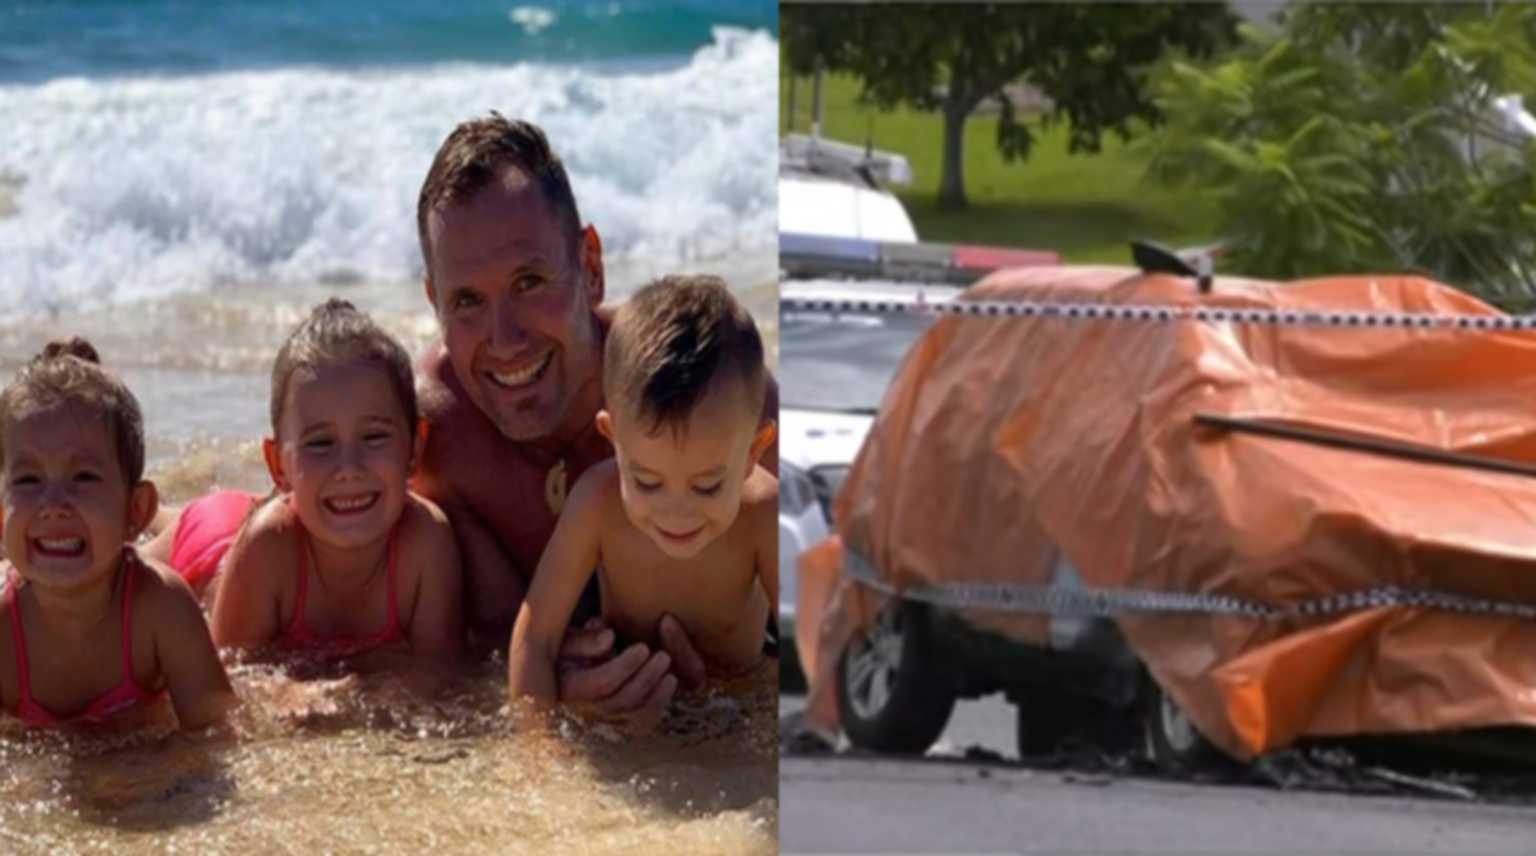 Απίστευτη φρίκη! Διάσημος αθλητής έκαψε ζωντανά τα παιδιά του στην Αυστραλία (vid, pics)